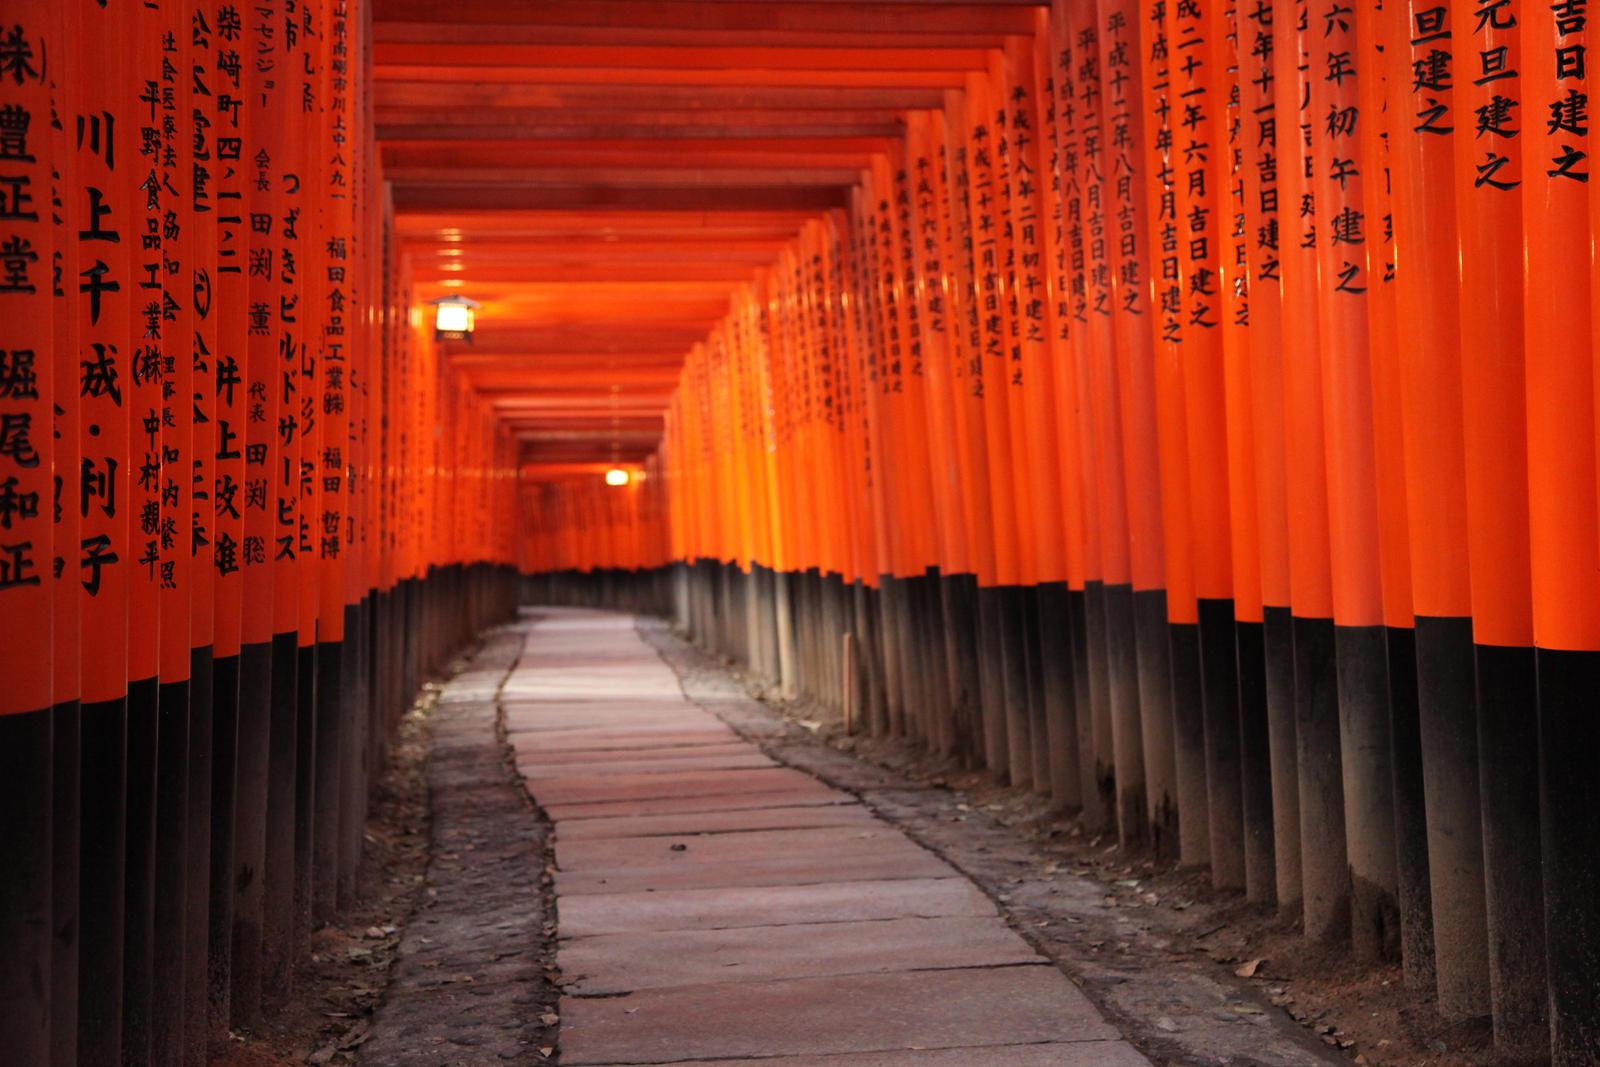 Japan by jahmadu